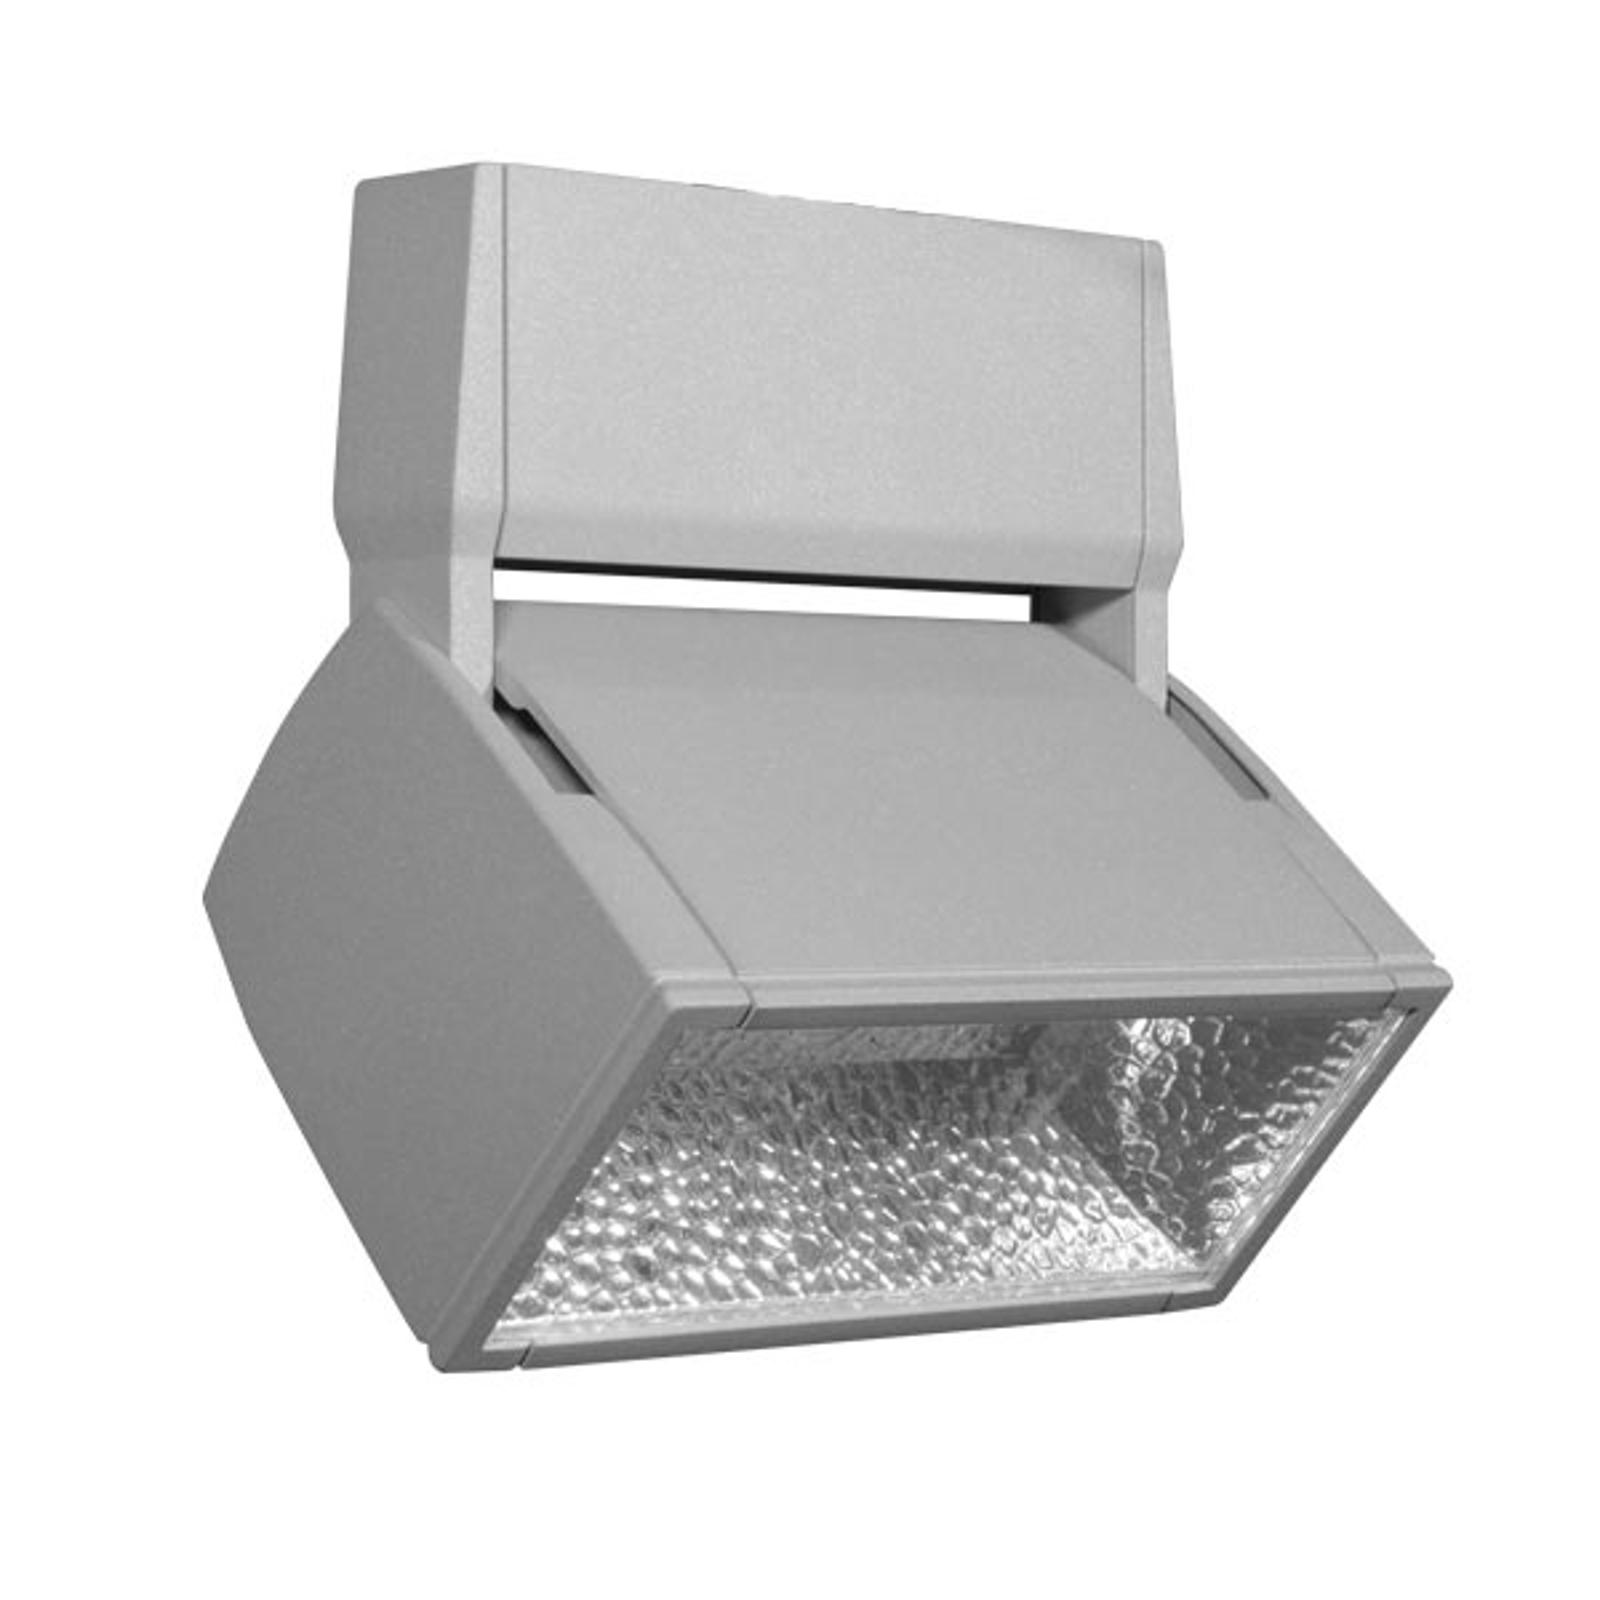 Schwenkbarer LED-Strahler EuroLED, 34 W, 2.700 K